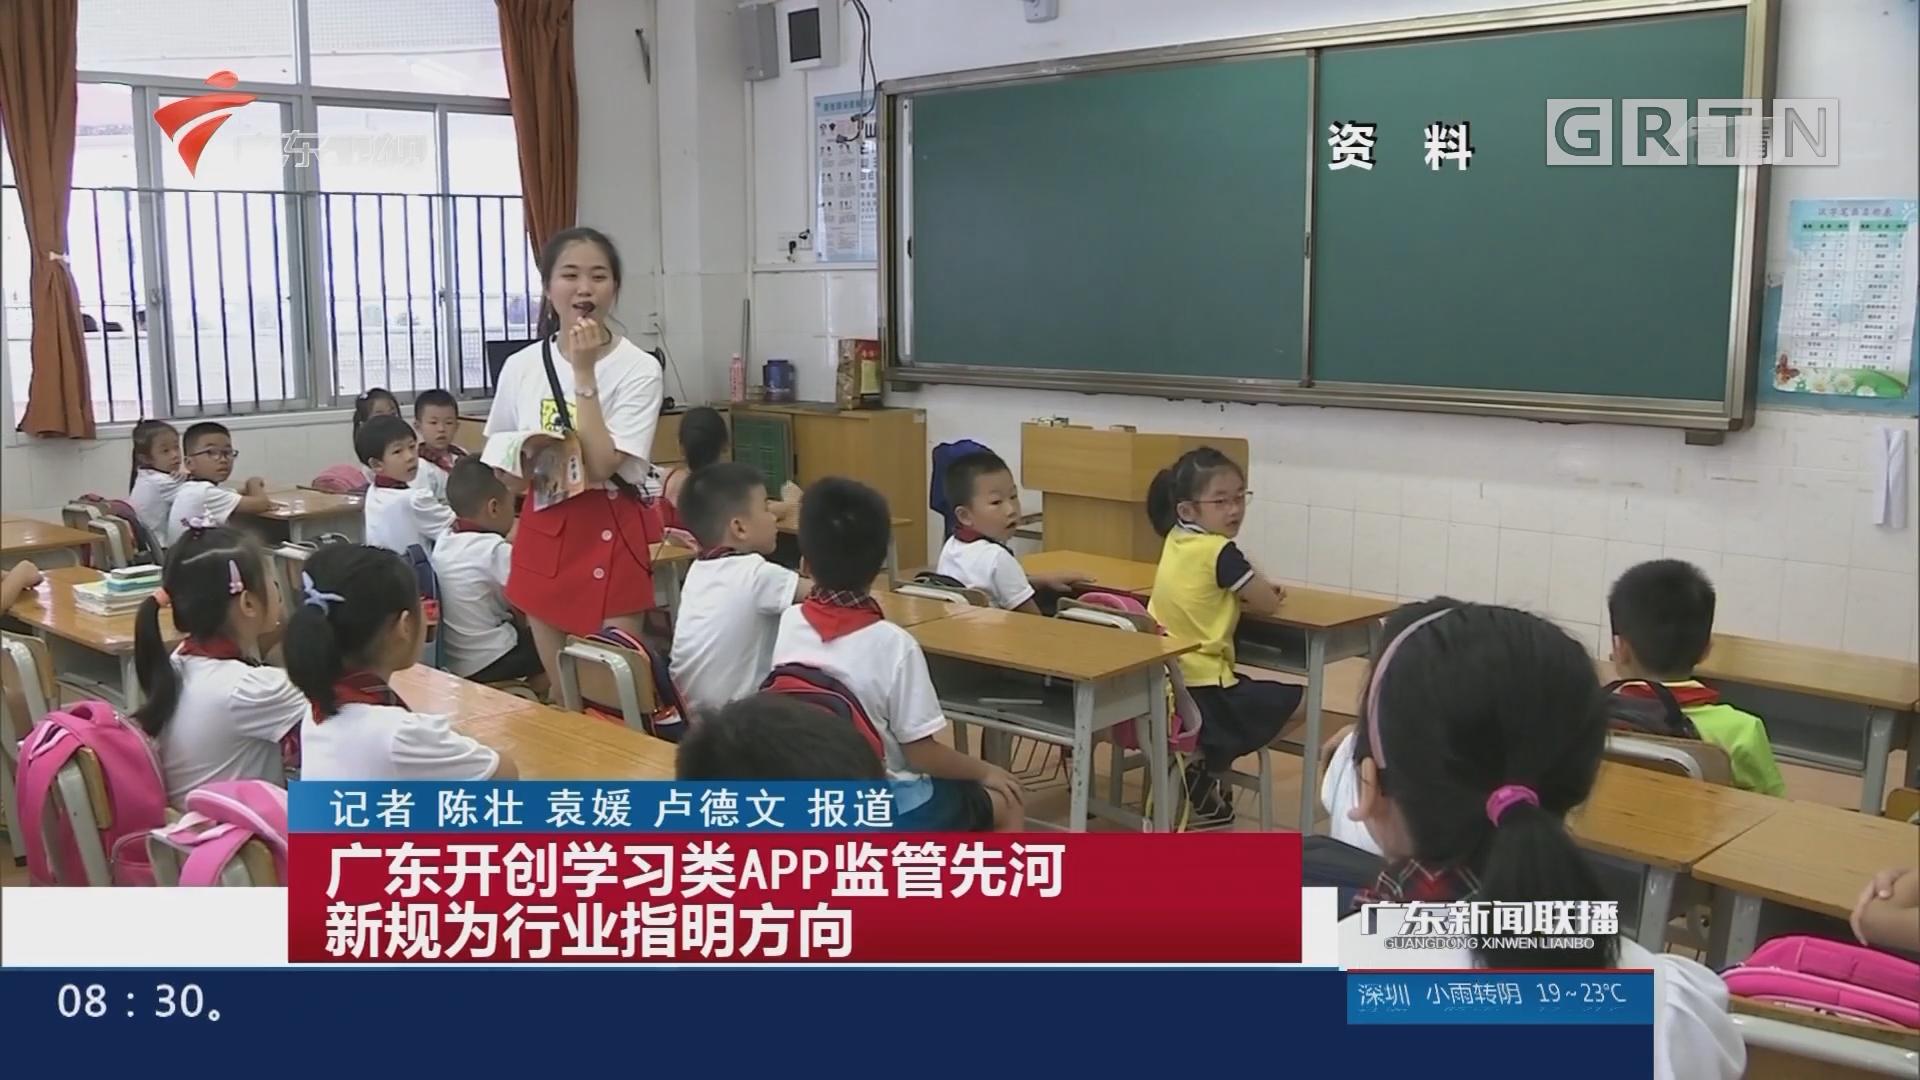 广东开创学习类APP监管先河 新规为行业指明方向